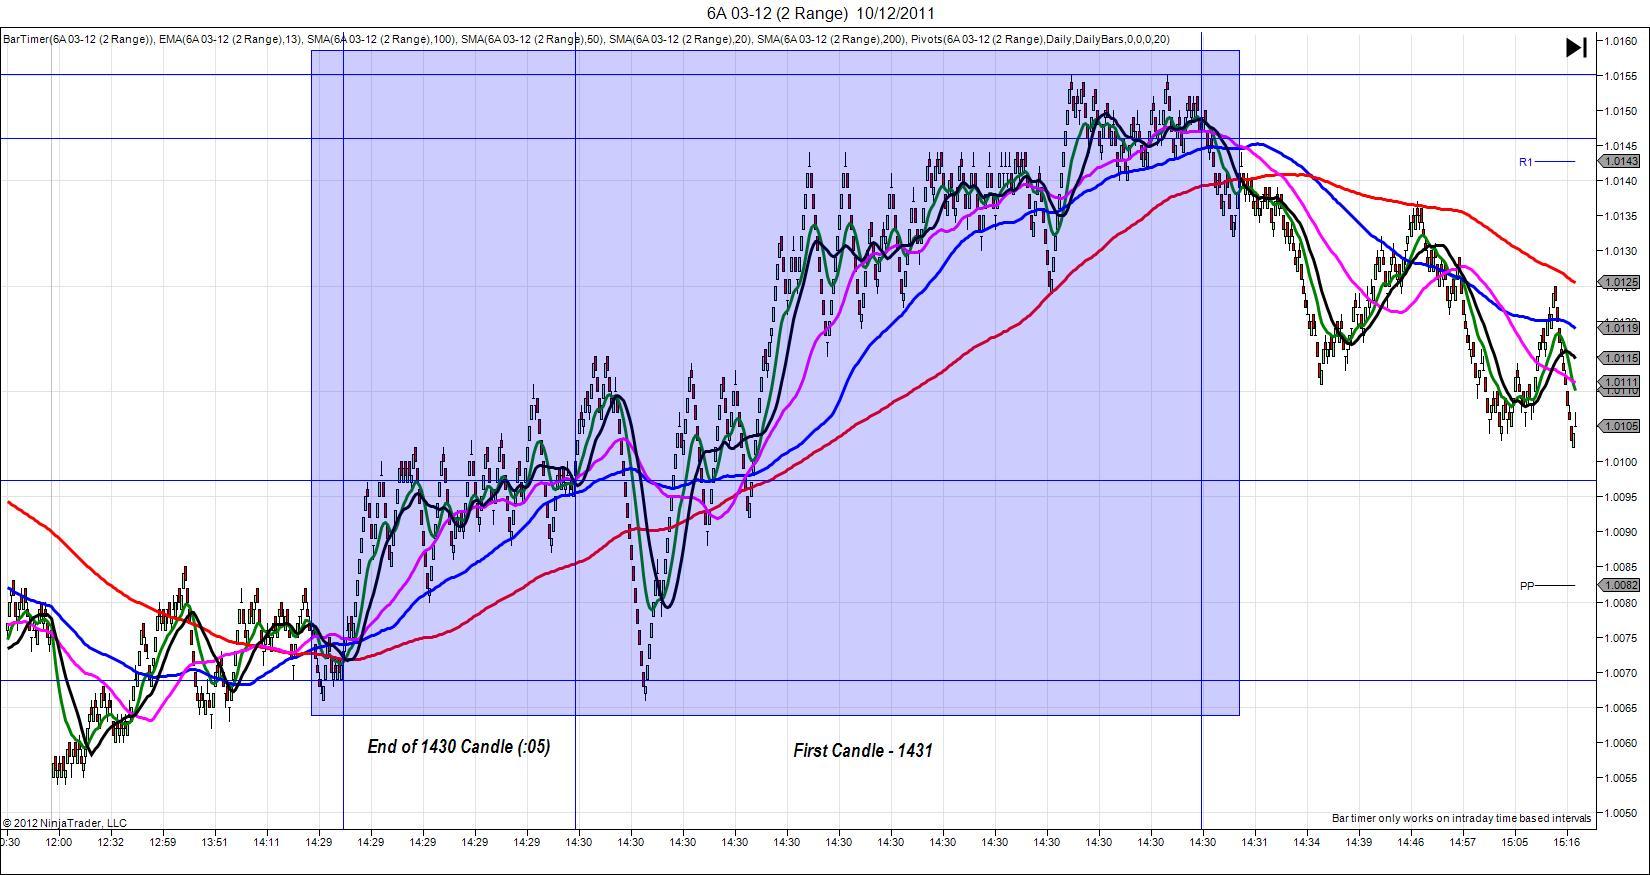 6A 03 12 (2 Range) 10.12.11